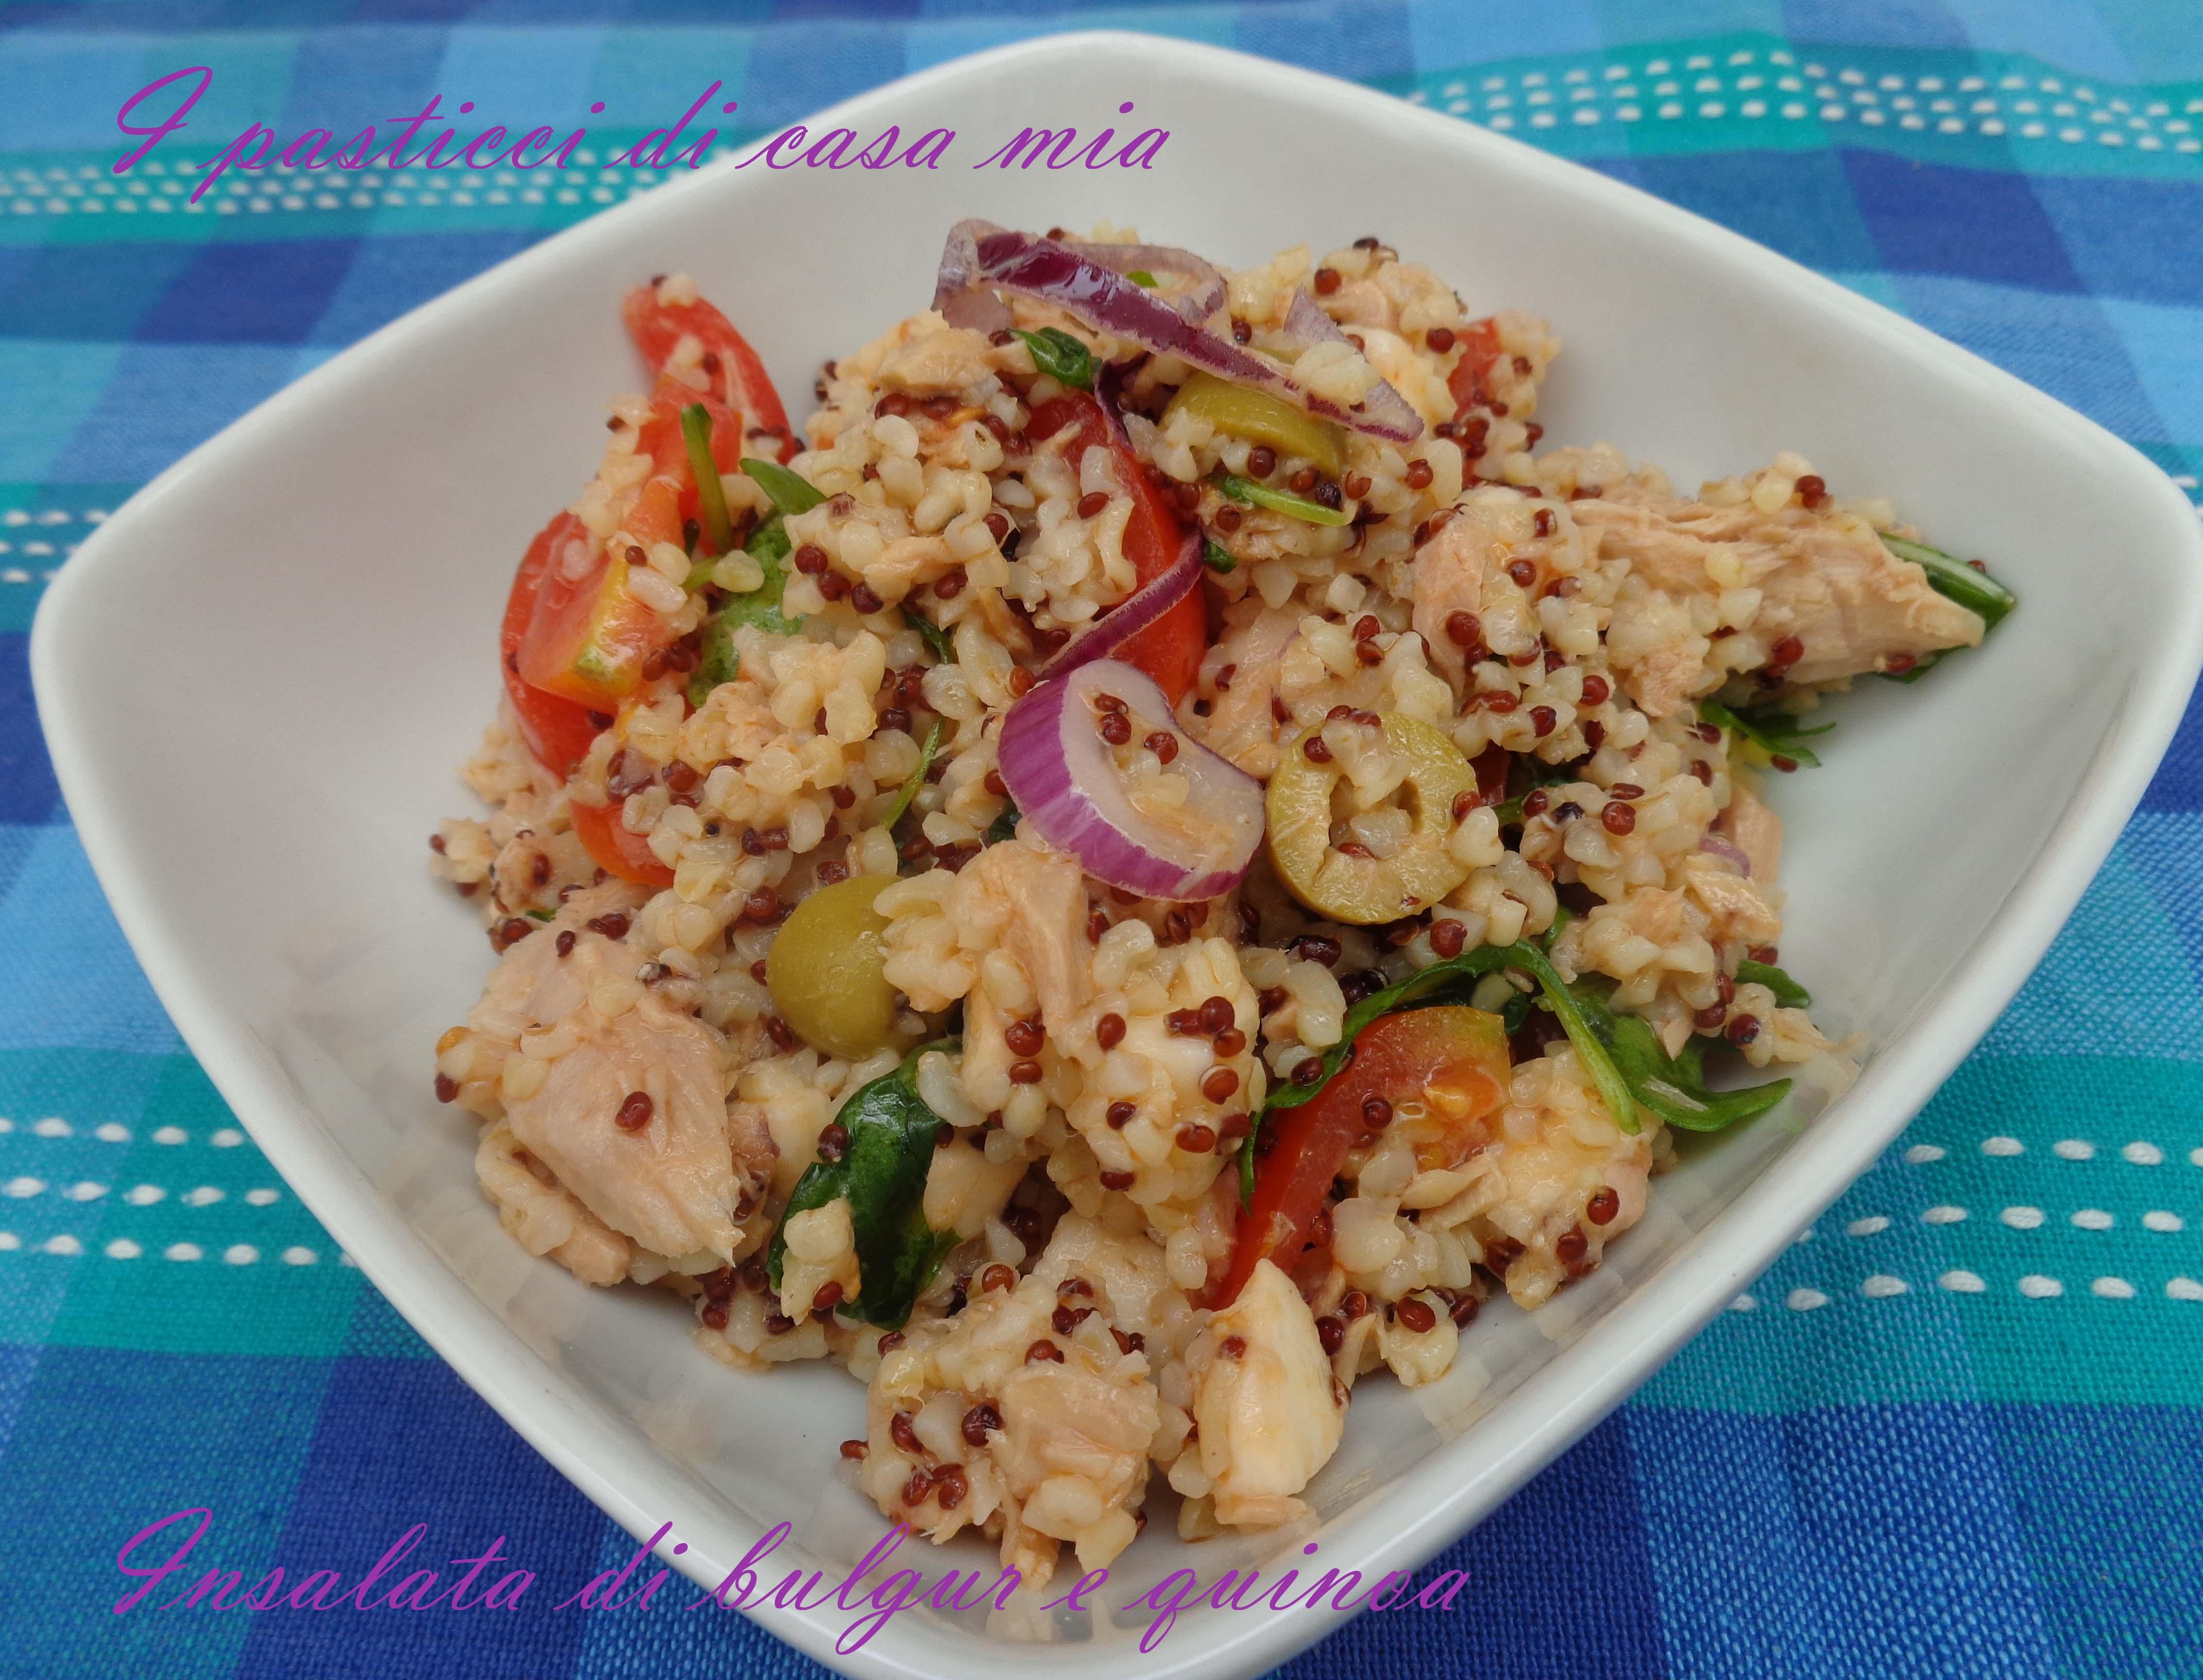 Ricetta Quinoa E Bulgur.Insalata Di Bulgur E Quinoa I Pasticci Di Casa Mia